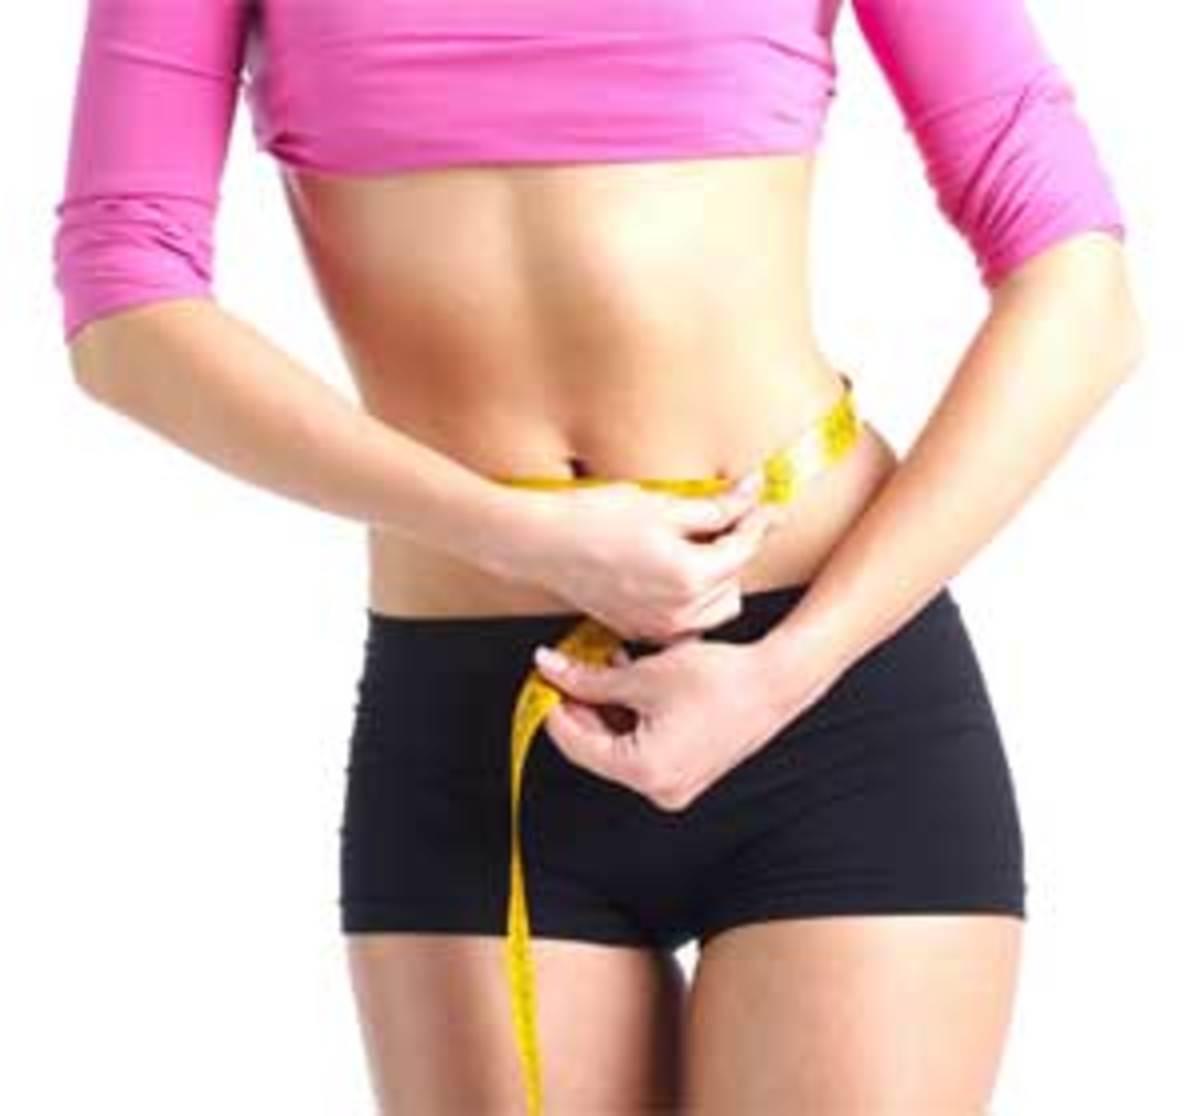 Νοθευμένα προϊόντα που υπόσχονταν απώλεια βάρους | Newsit.gr